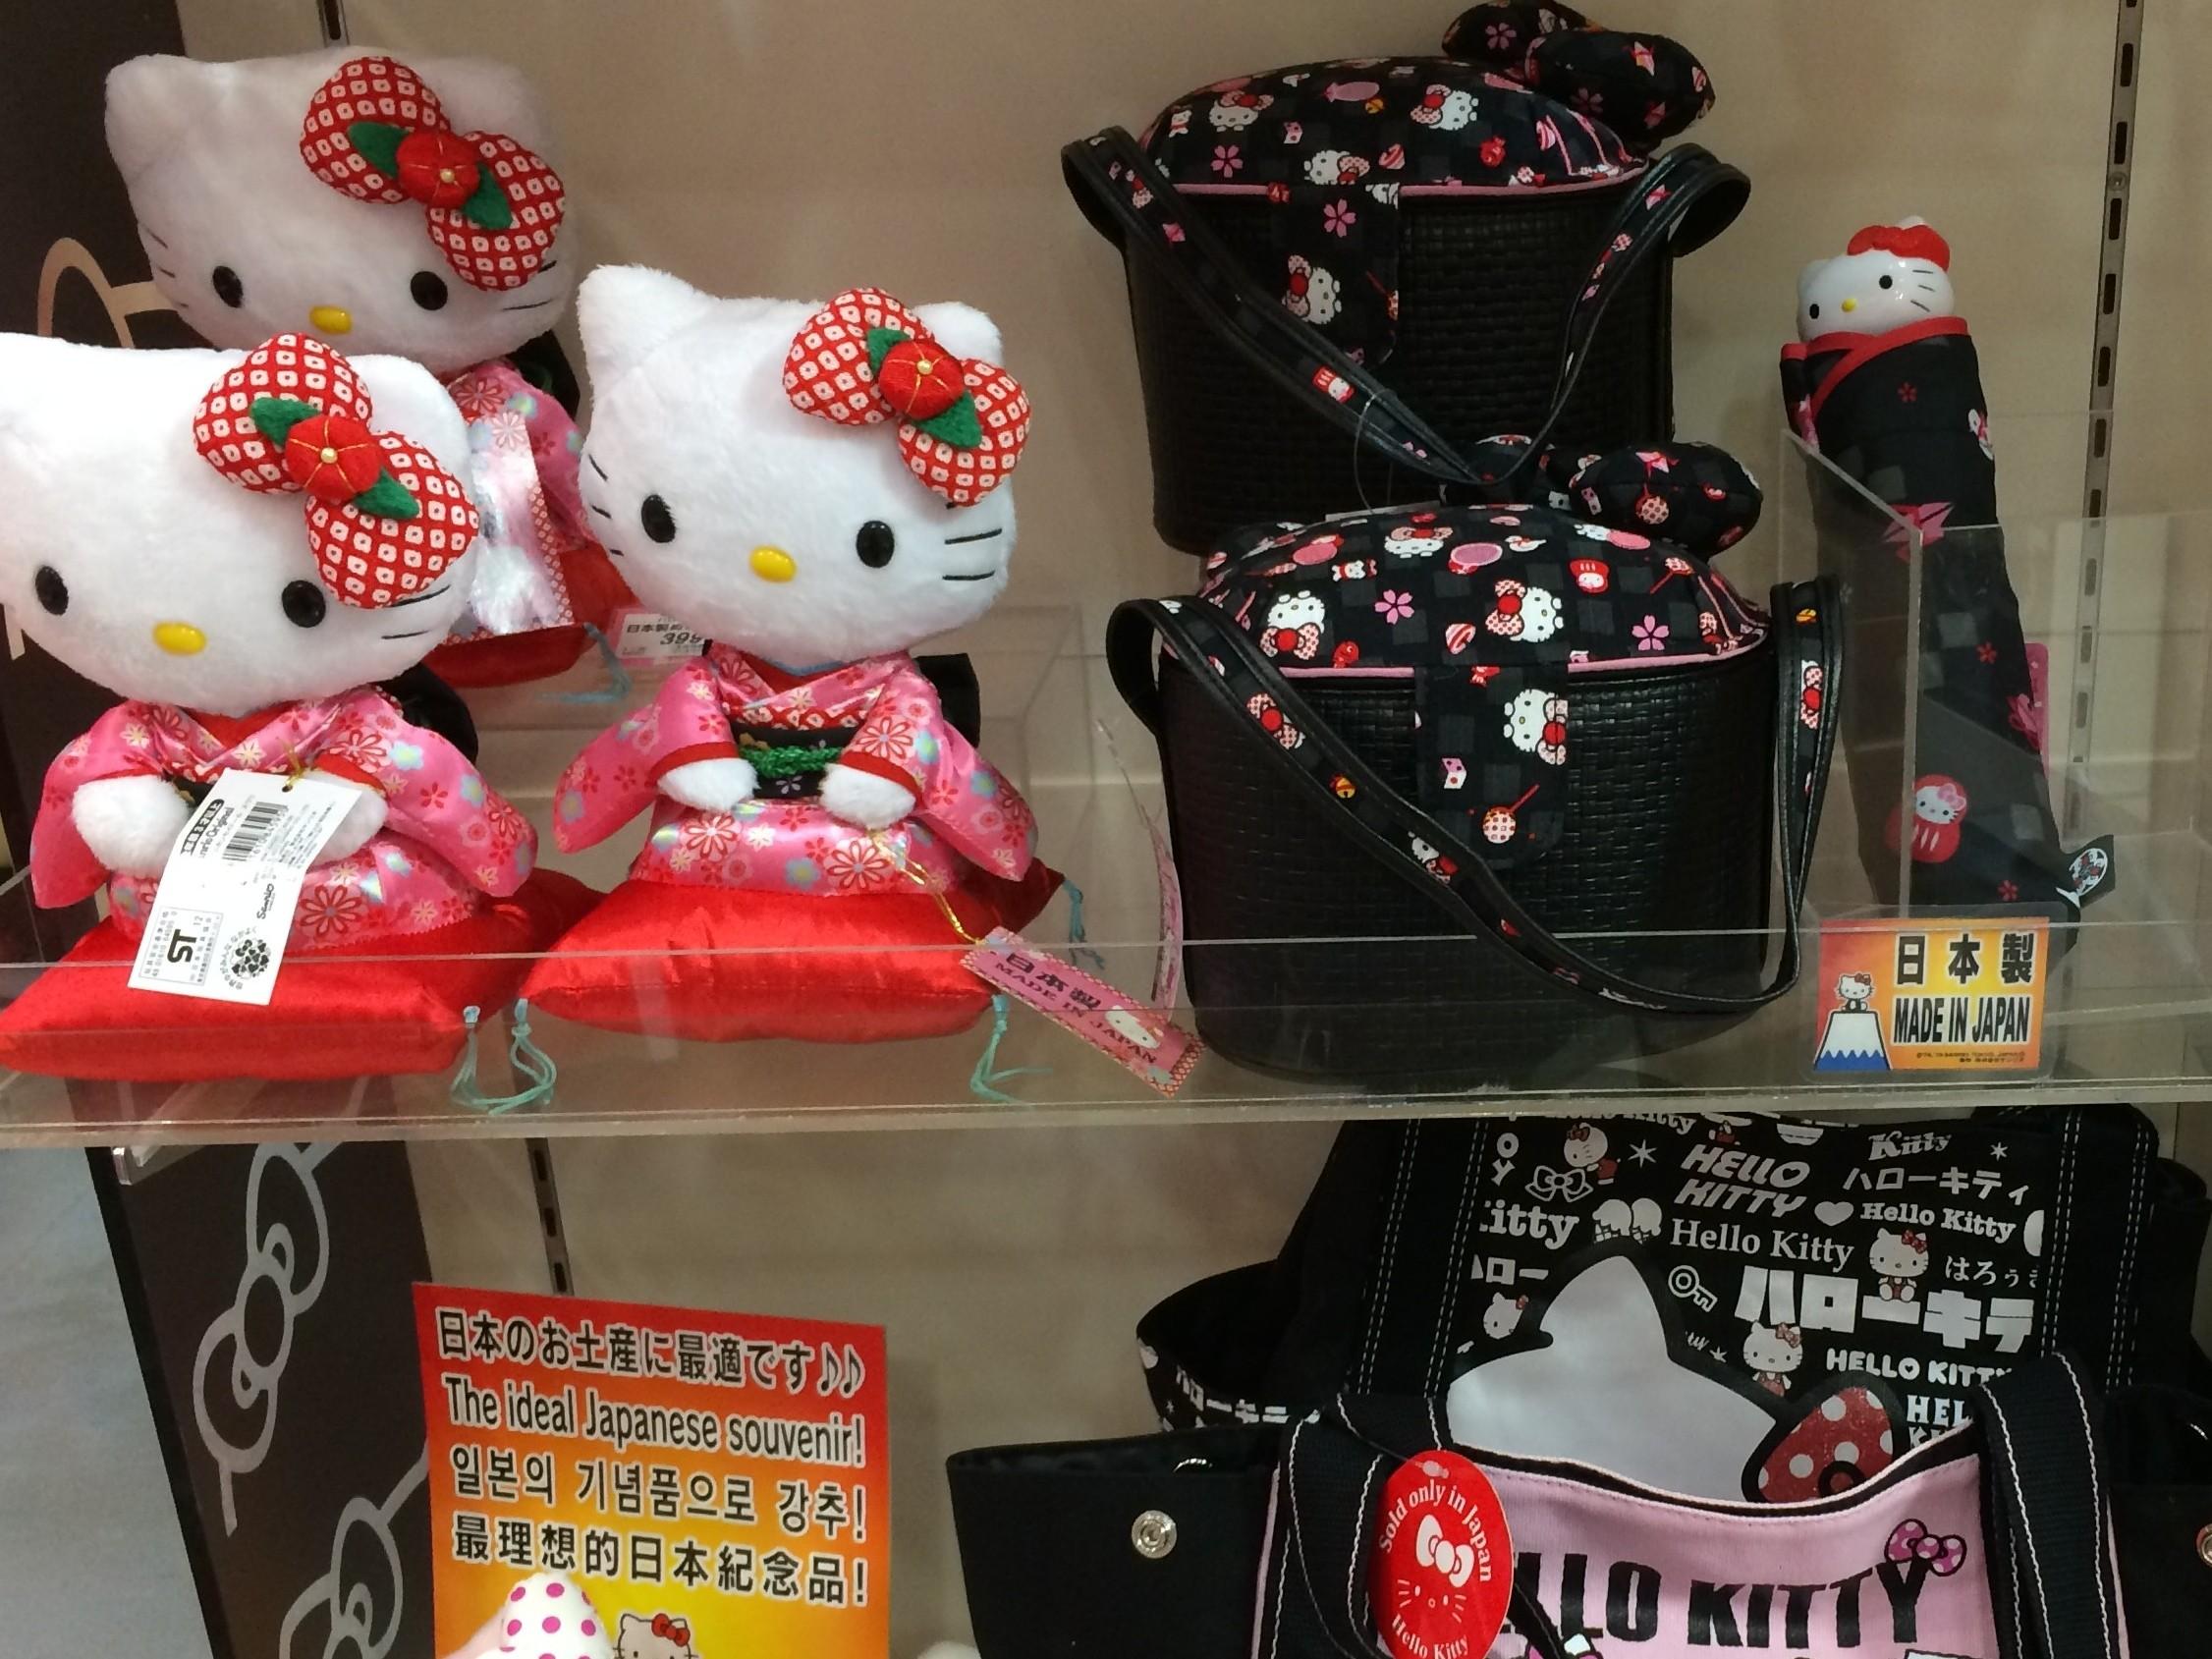 ハローキティなどのキャラクター商品で知られるサンリオ(本社・東京、東証1部上場)の東京・銀座の直営店「サンリオワールドギンザ」で、「日本製」「MADE IN JAPAN」と明記したカードが置かれている棚に中国製の商品が陳列され、販売されていたことが早稲田大学ジャーナリズム大学院の学生らの取材班の調べで分かった。商品のタグには小さな文字で「MAED IN CHINA」と記載されているが、中には、その記載部分の上に価格表示のシールが貼られている商品もあった。取材班の指摘に対して、同店の店長は1月14日「担当者の間違いだった」と説明し、これらを是正した。 【トップの写真は、日本製を明示するカードの棚に置かれた中国製の折りたたみ傘と手提げバッグ=2014年1月4日撮影】